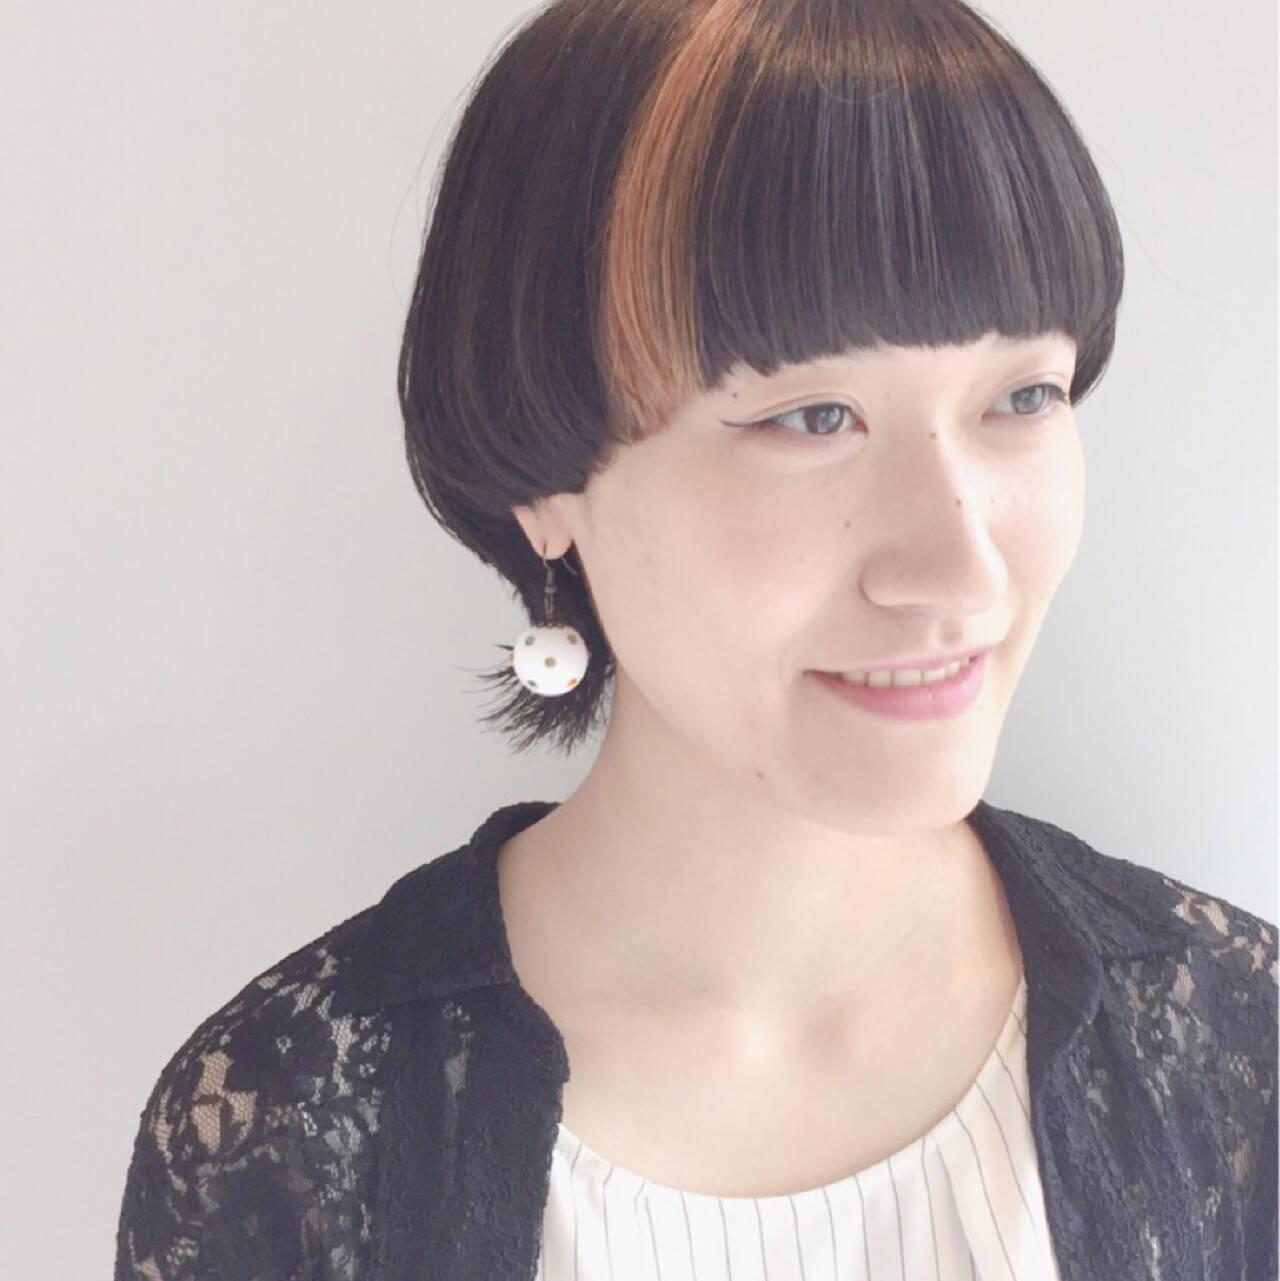 ショート モード マッシュ ウルフカットヘアスタイルや髪型の写真・画像